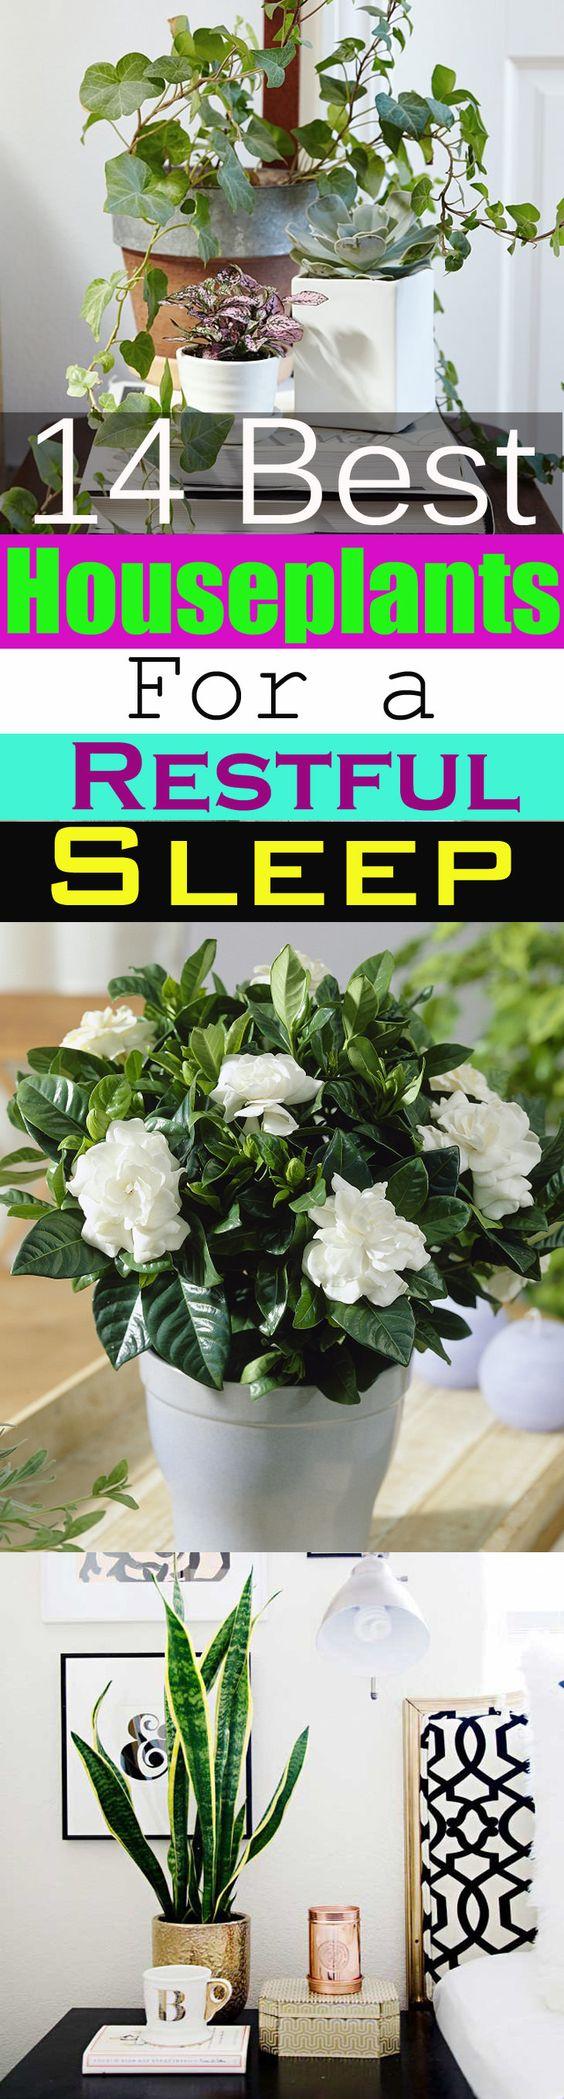 14 best houseplants for a restful sleep. Black Bedroom Furniture Sets. Home Design Ideas